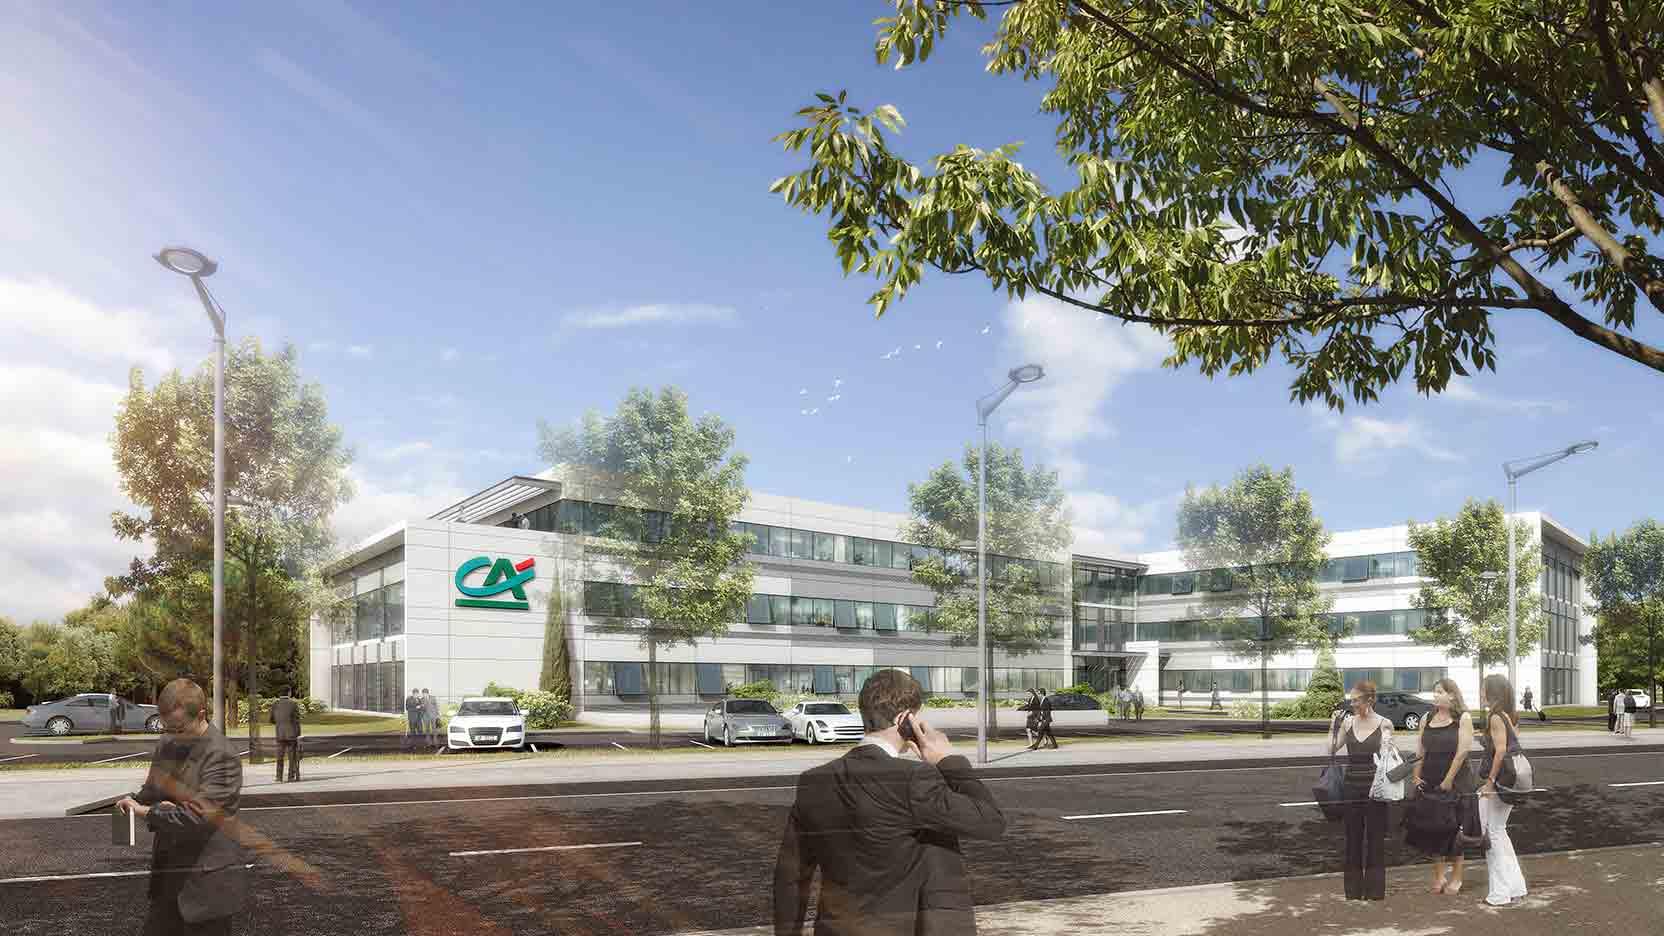 Pose de la 1ère pierre d'Abellio, le futur siège de Crédit Agricole Immobilier, à Toulouse